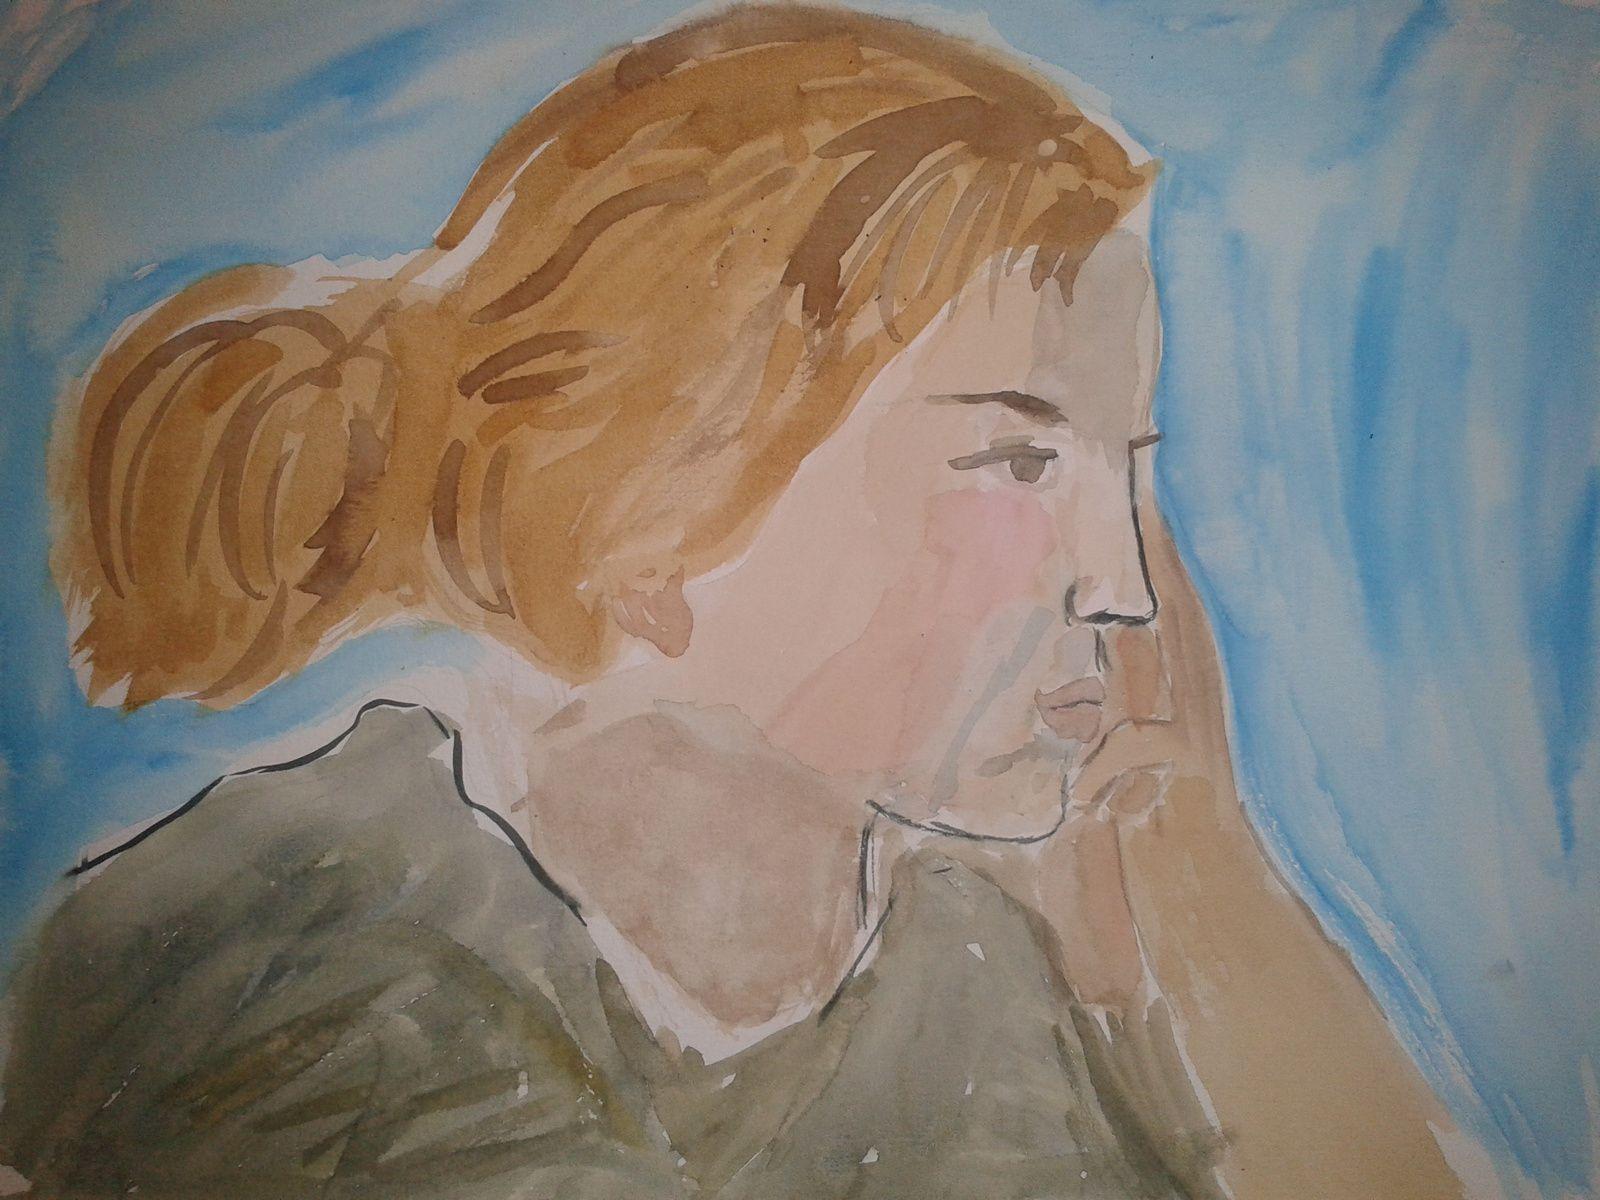 Vous pouvez acheter les aquarelles via ce blog mais aussi sur le site www.galerie-creation.com/